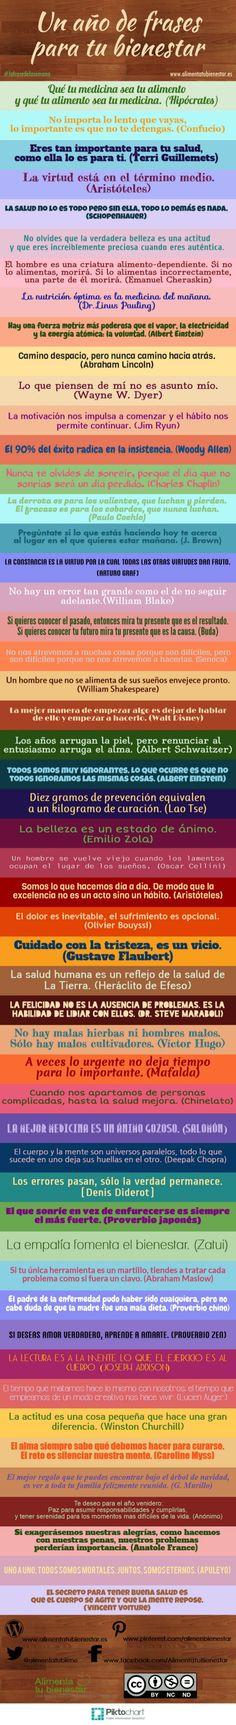 52 frases para tu bienestar by Manoli Martín Azkue via slideshare